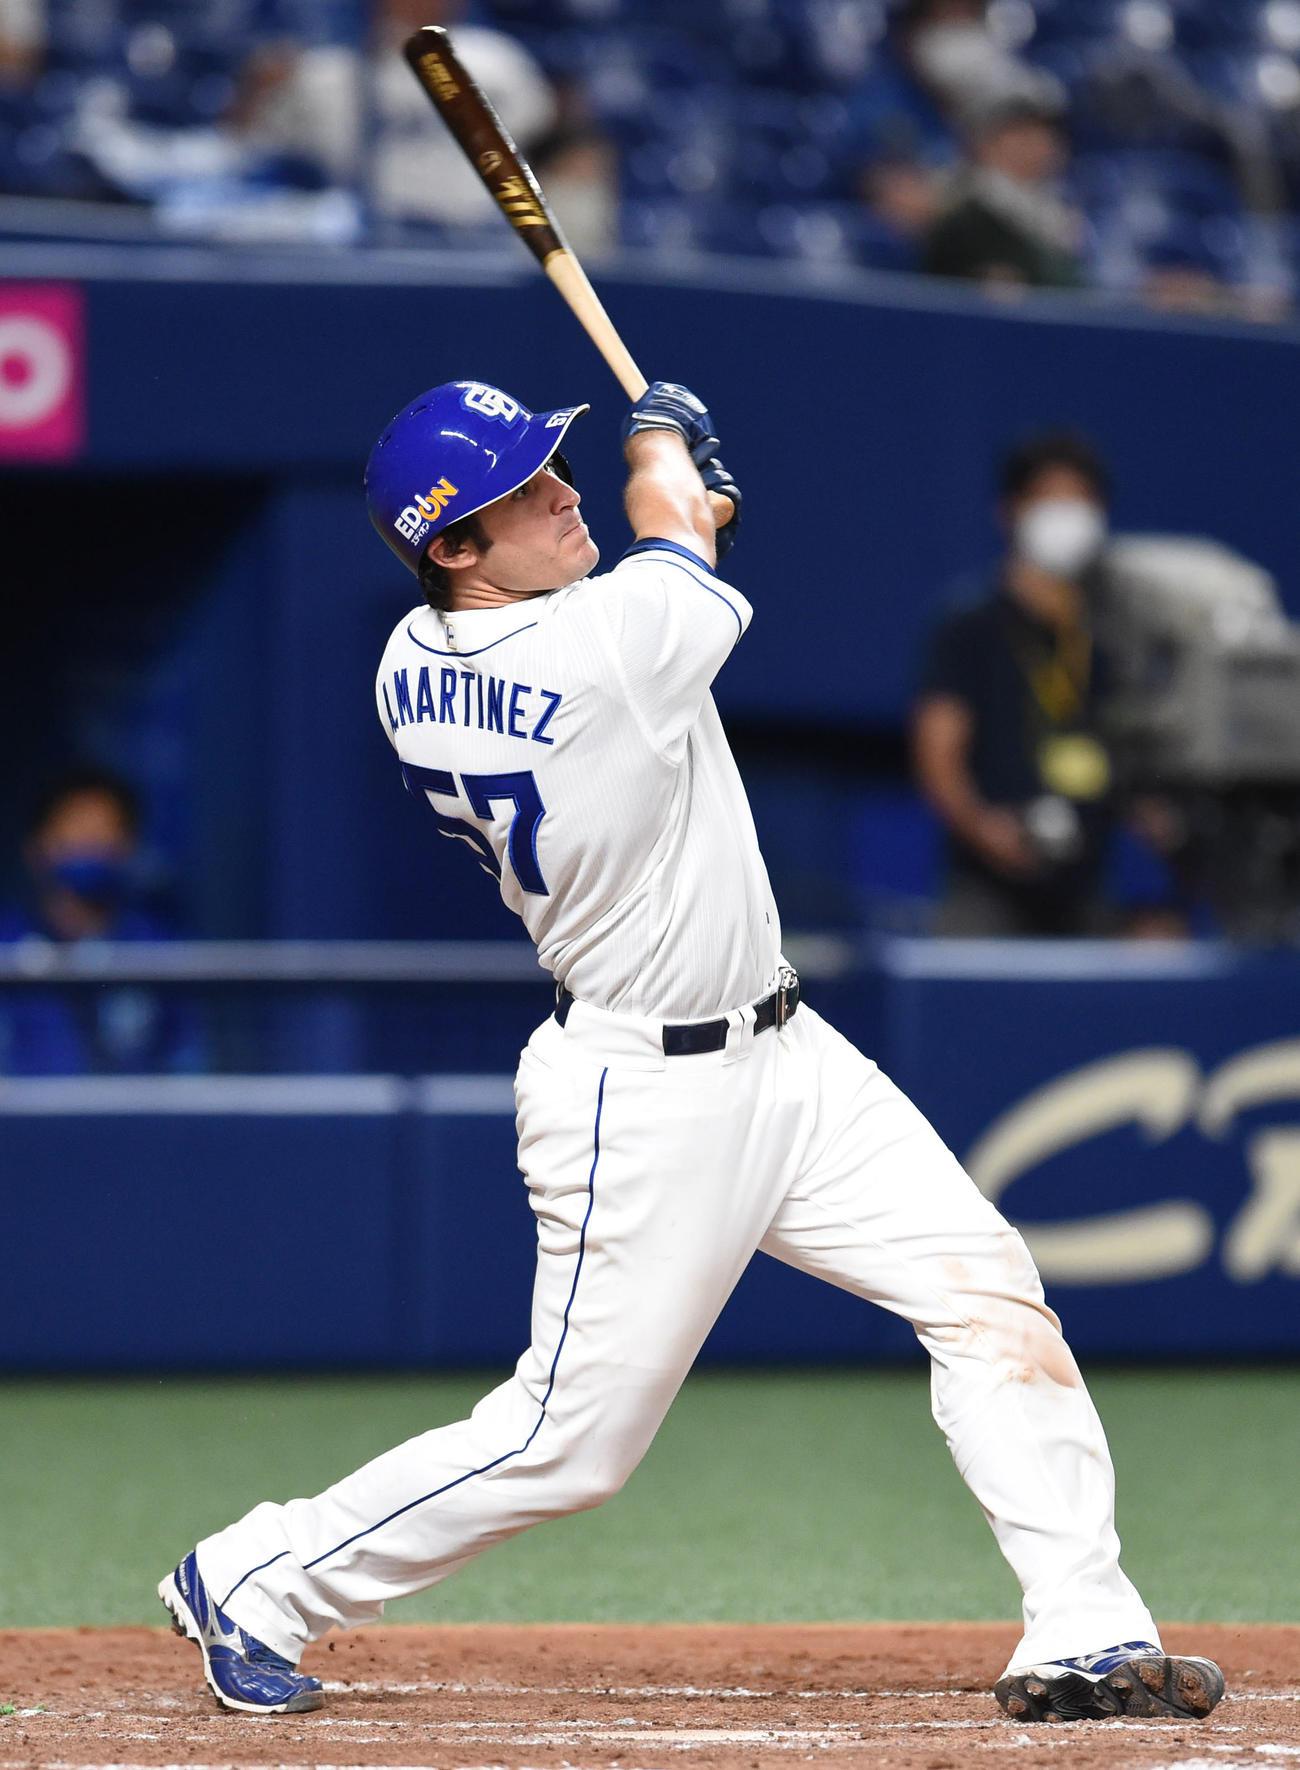 中日対DeNA 4回裏中日2死、右越え本塁打を放つA・マルティネス(撮影・森本幸一)